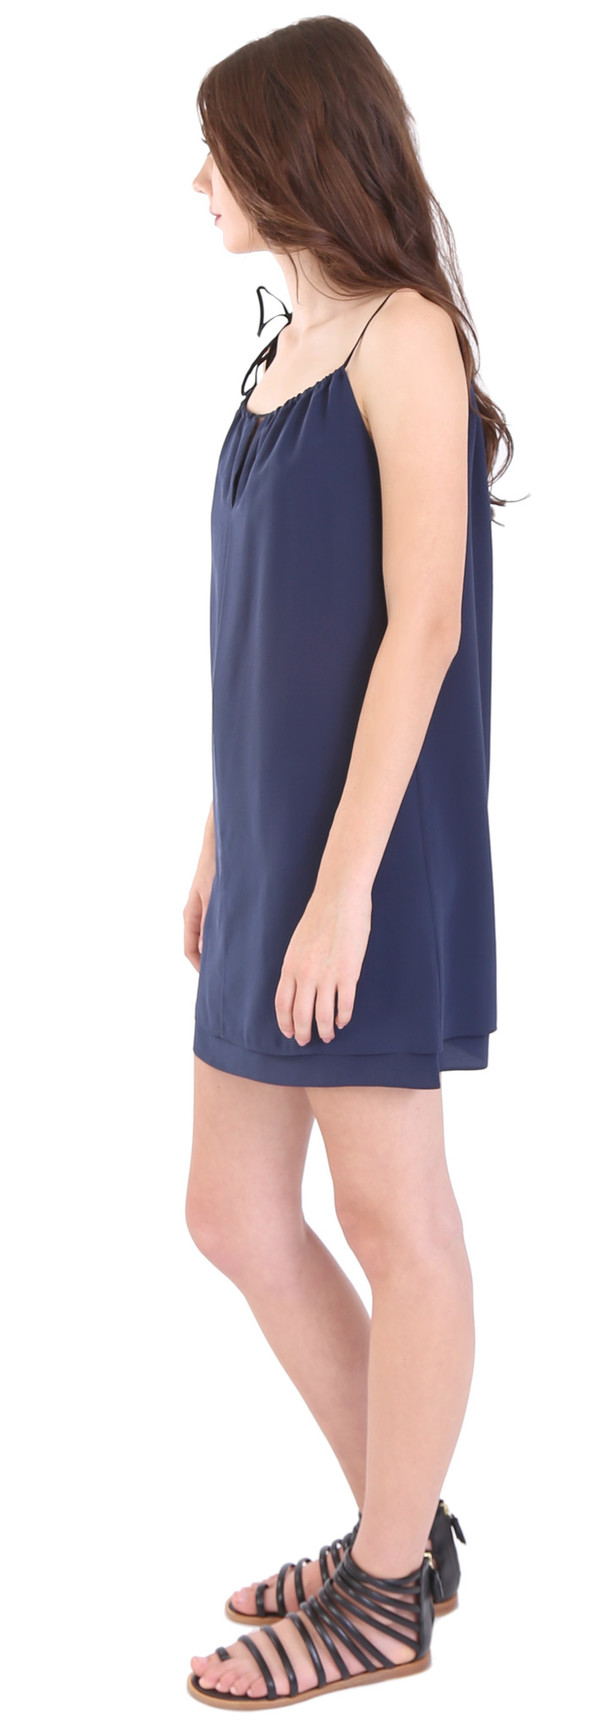 Rag & Bone Samantha Dress